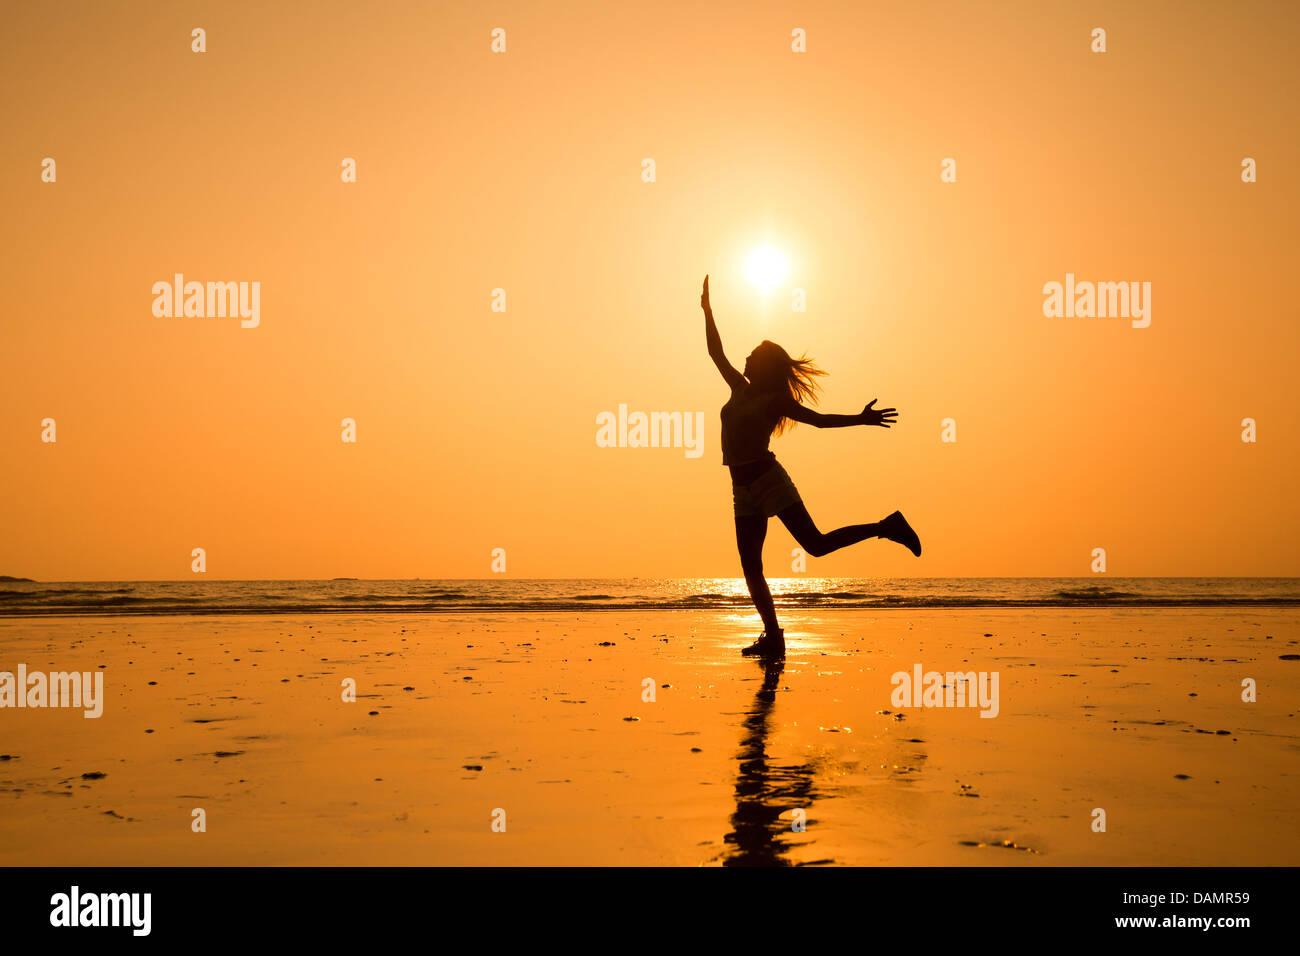 abstrakte Silhouette der glückliche junge Mädchen, gesundes Leben springen Stockbild